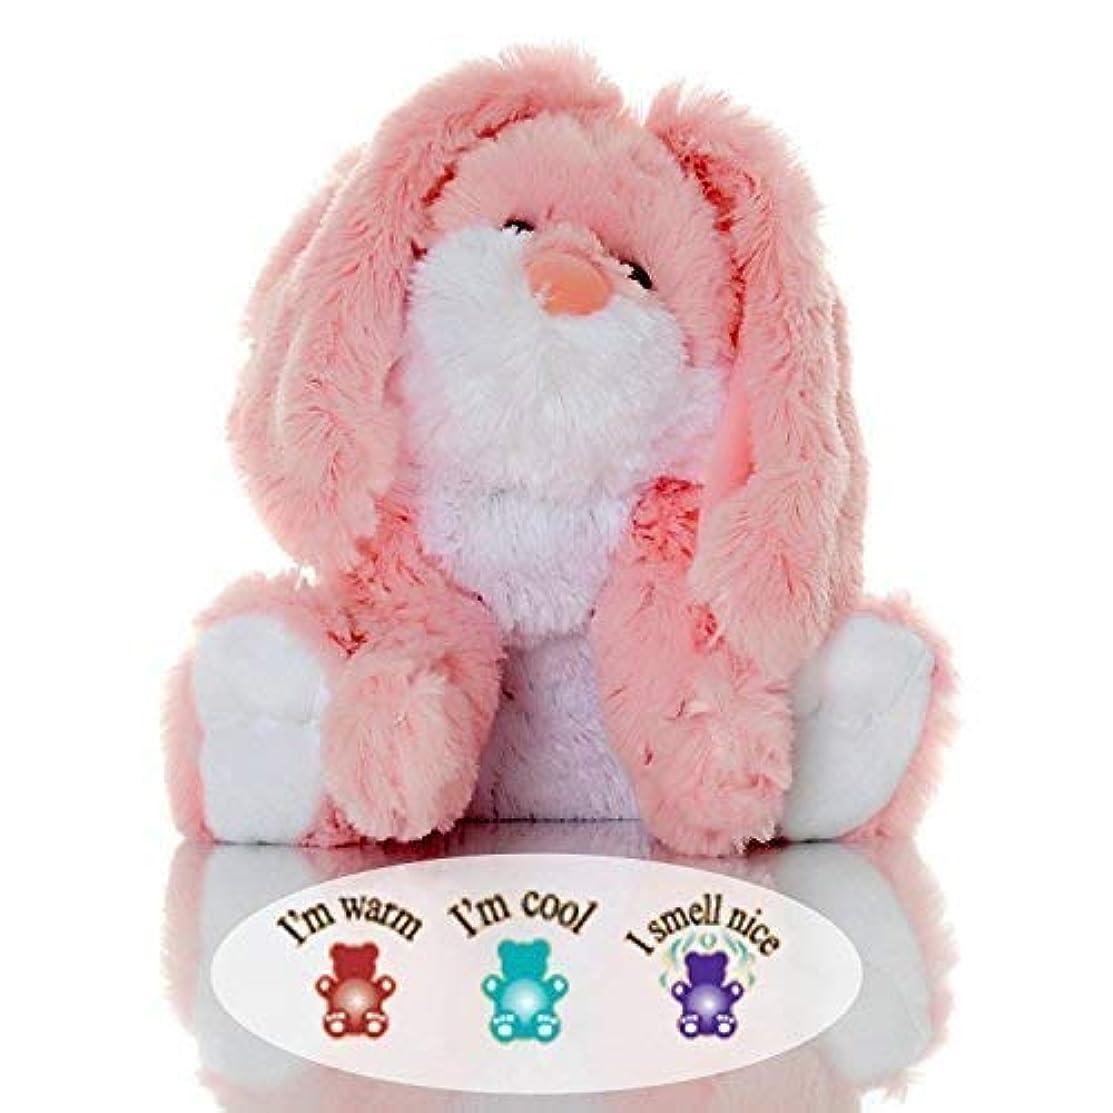 クルーズ逃げる純粋にSootheze Rosey Bunny Rabbit - Microwavable Stuffed Animal - Weighted Lavender Scented Aromatherapy - Hot and Cold...